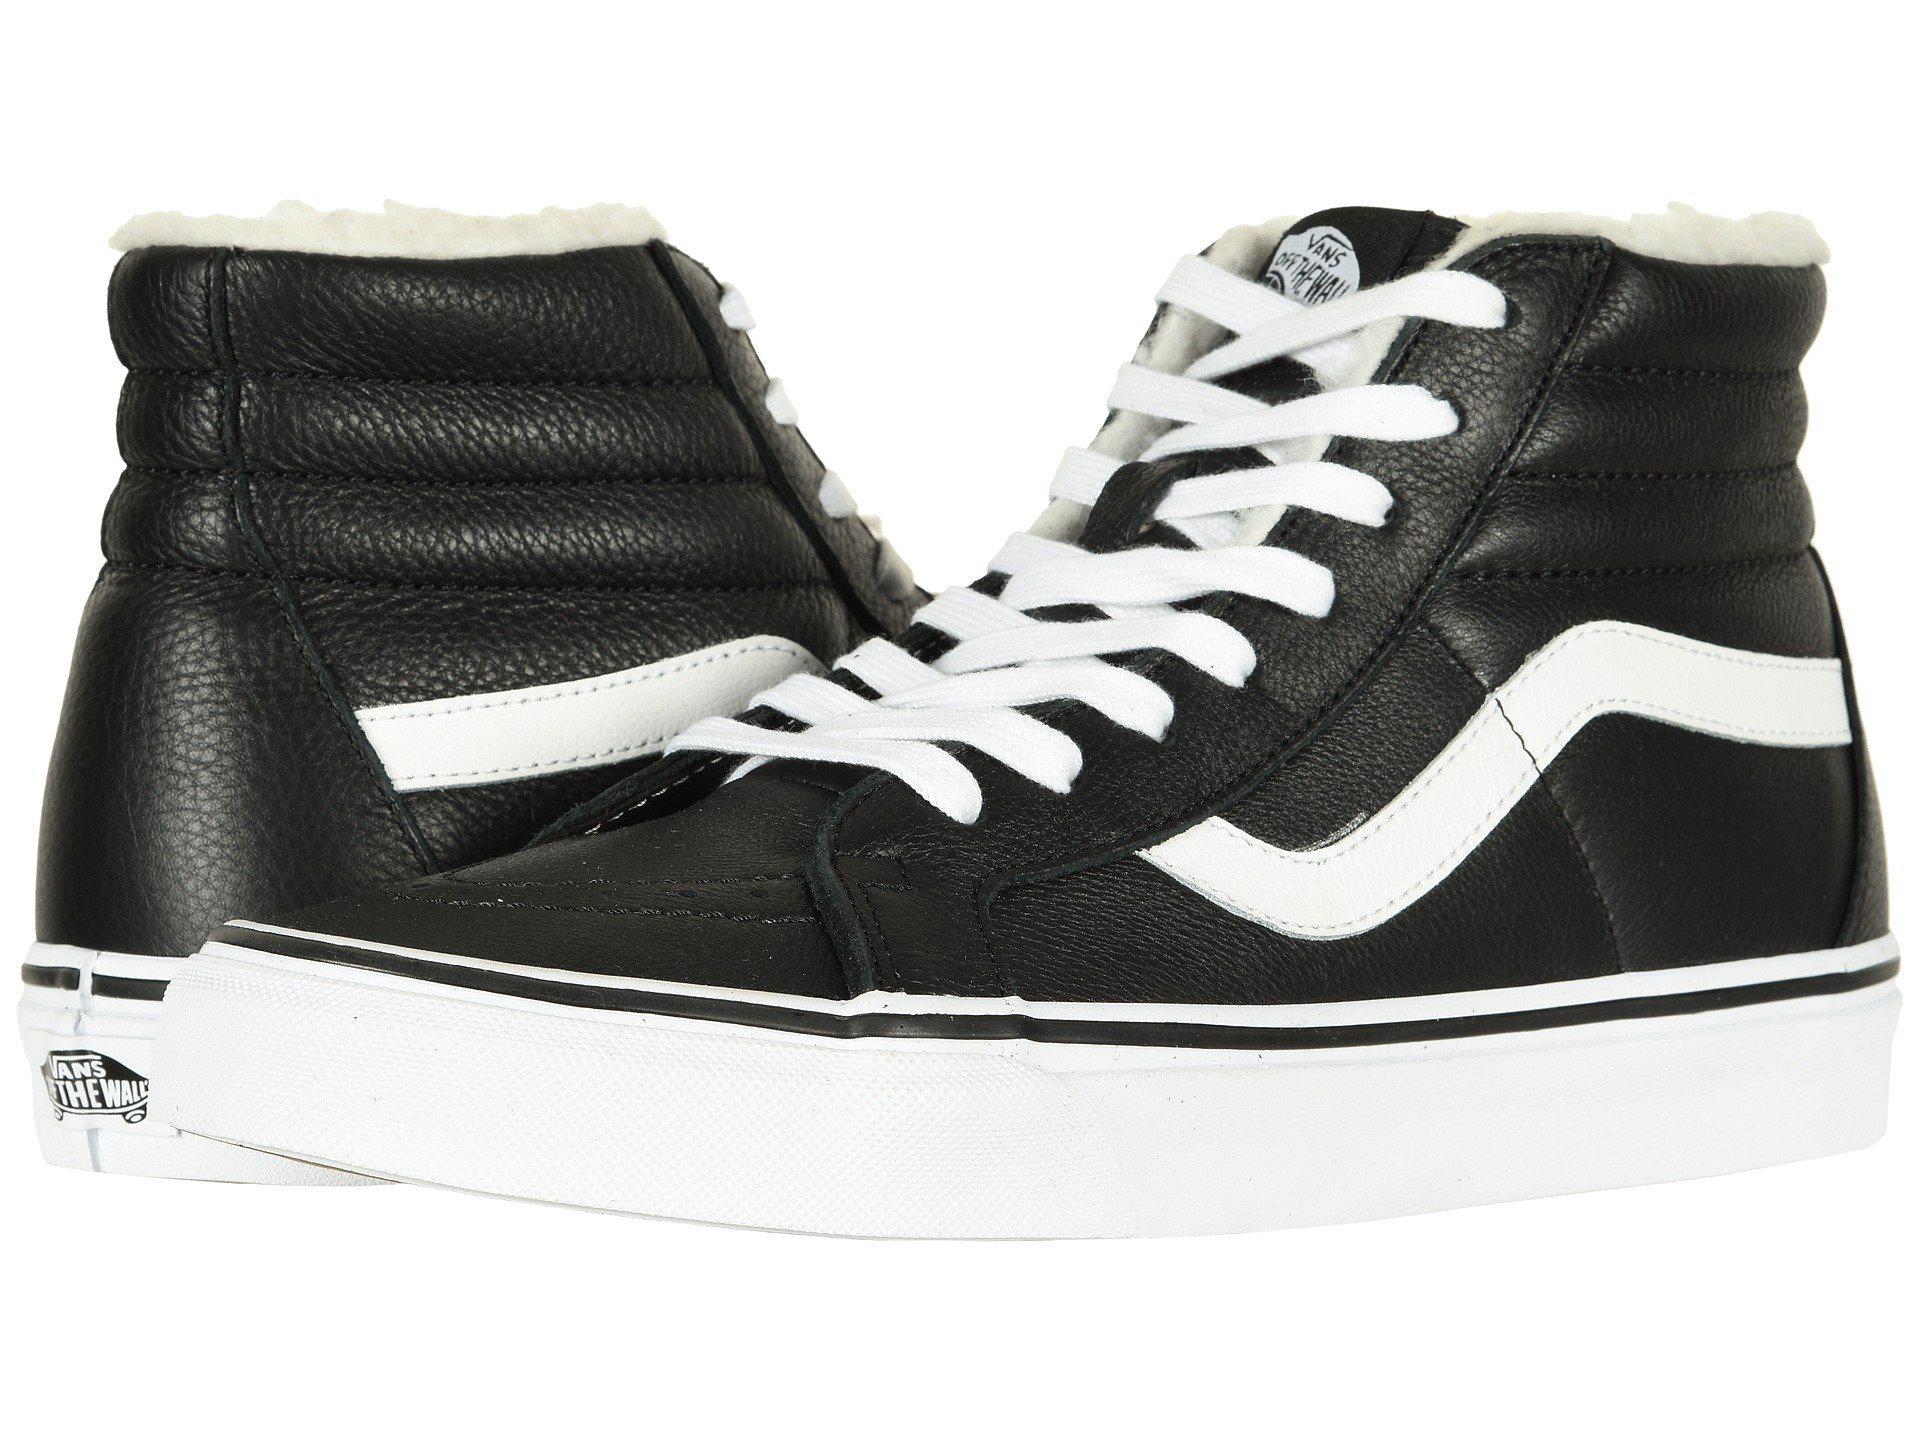 41c119bf0e Lyst - Vans Sk8-hi Reissue ((leather fleece) Black true White 2 ...